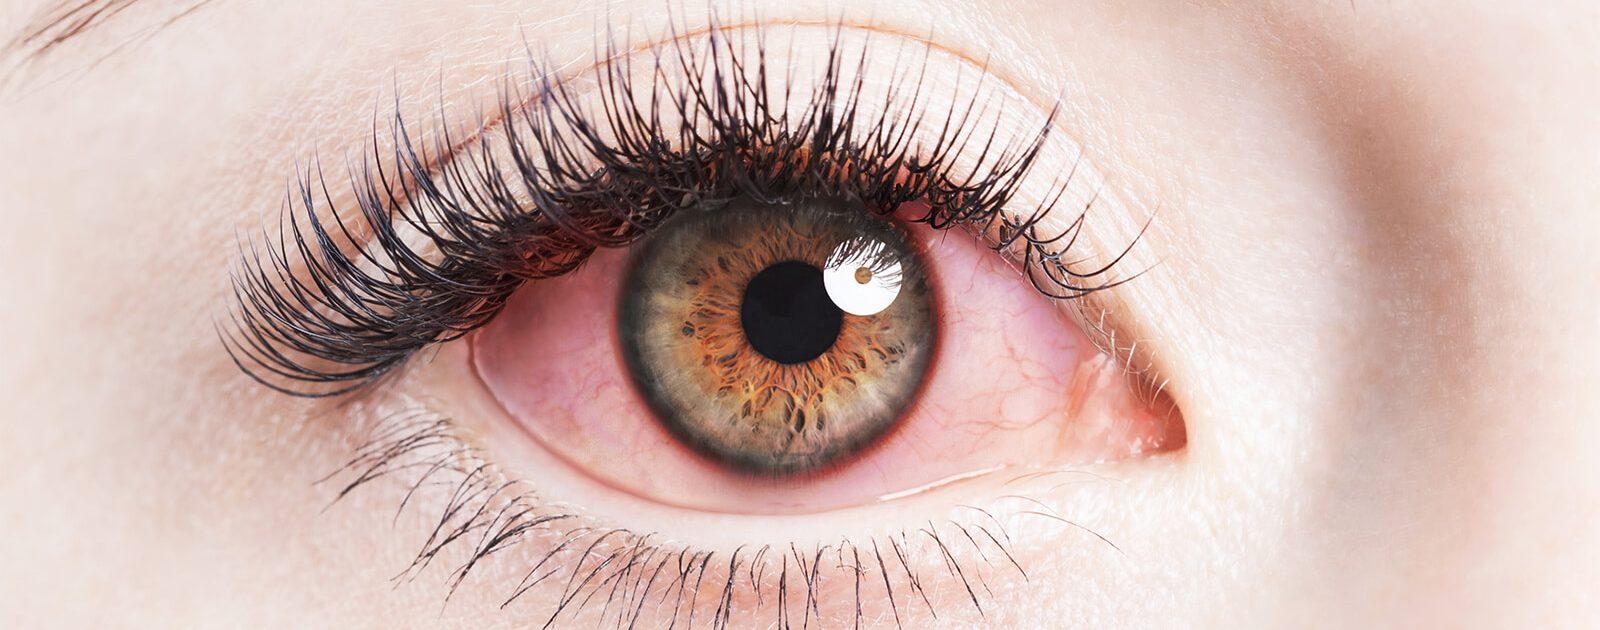 Frau mit Allergie an den Augen